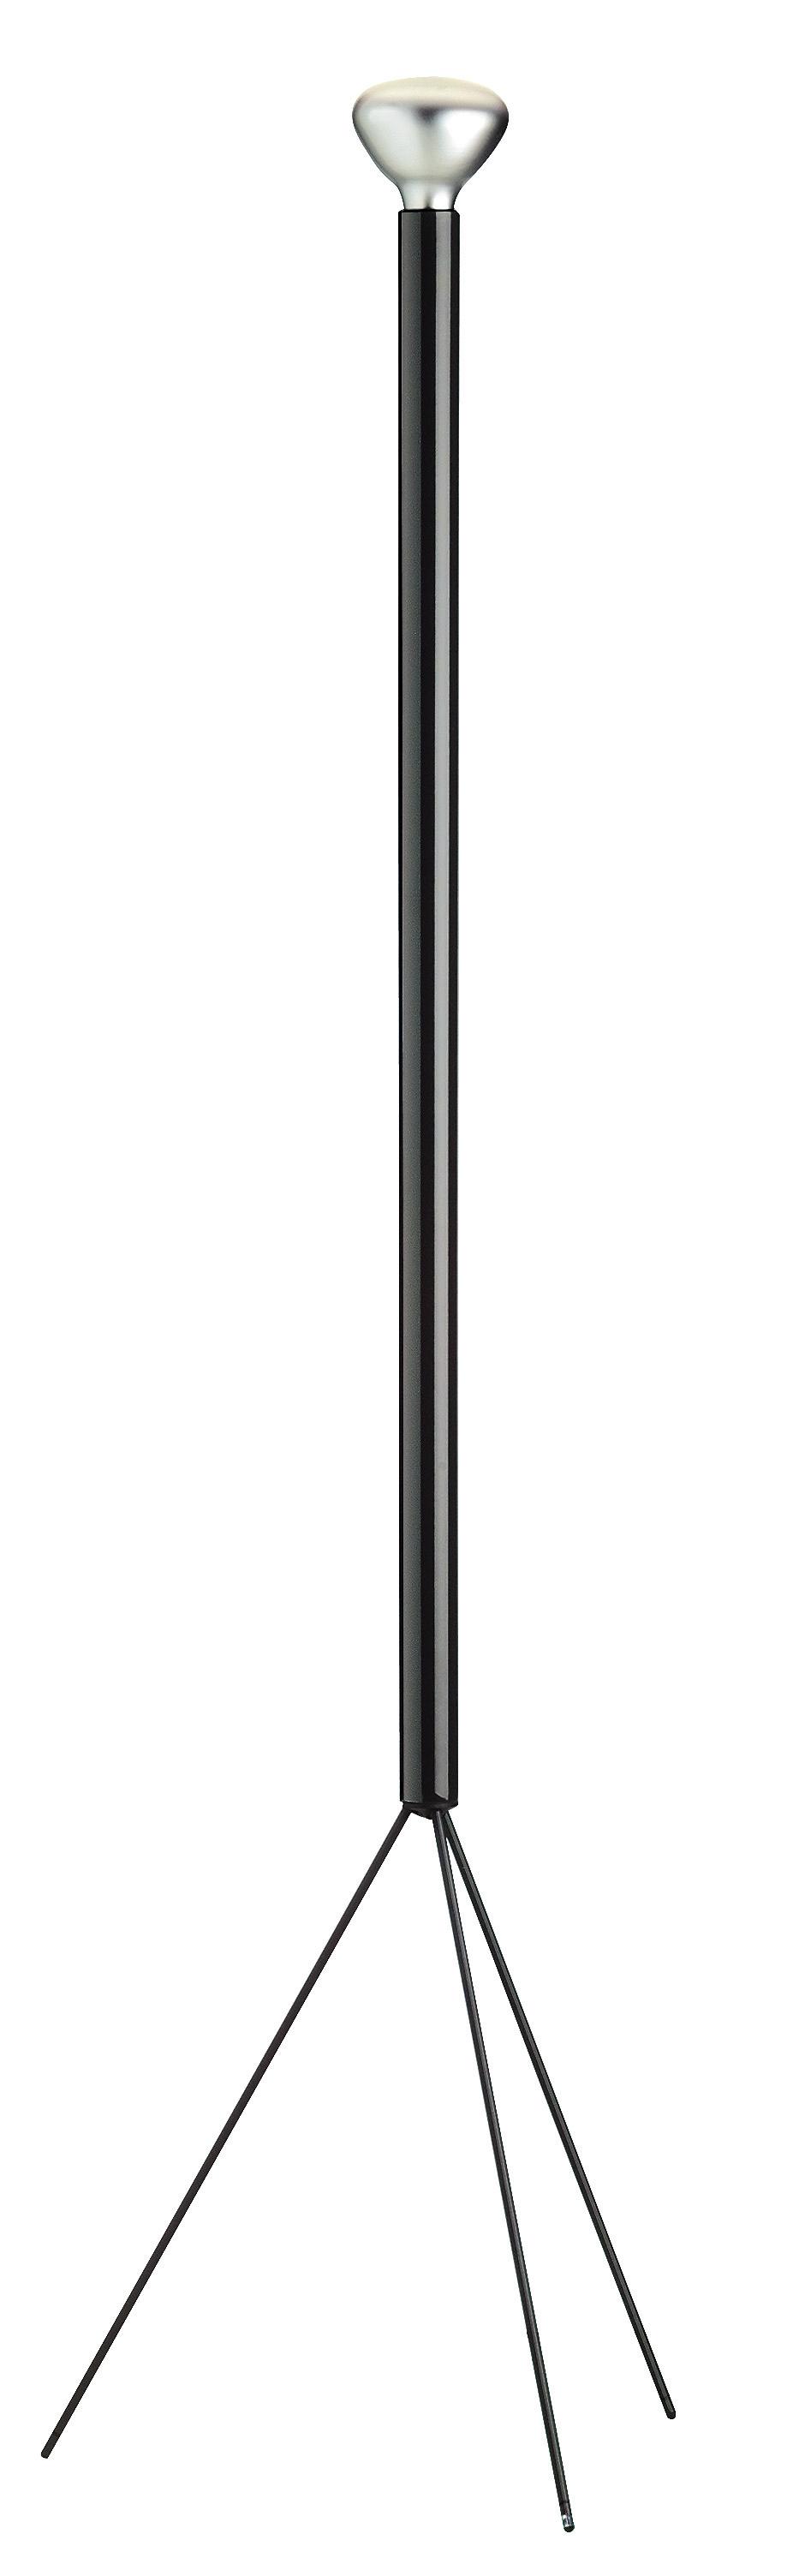 Luminator lampada da terra di flos lampade da terra for Lampada luminator